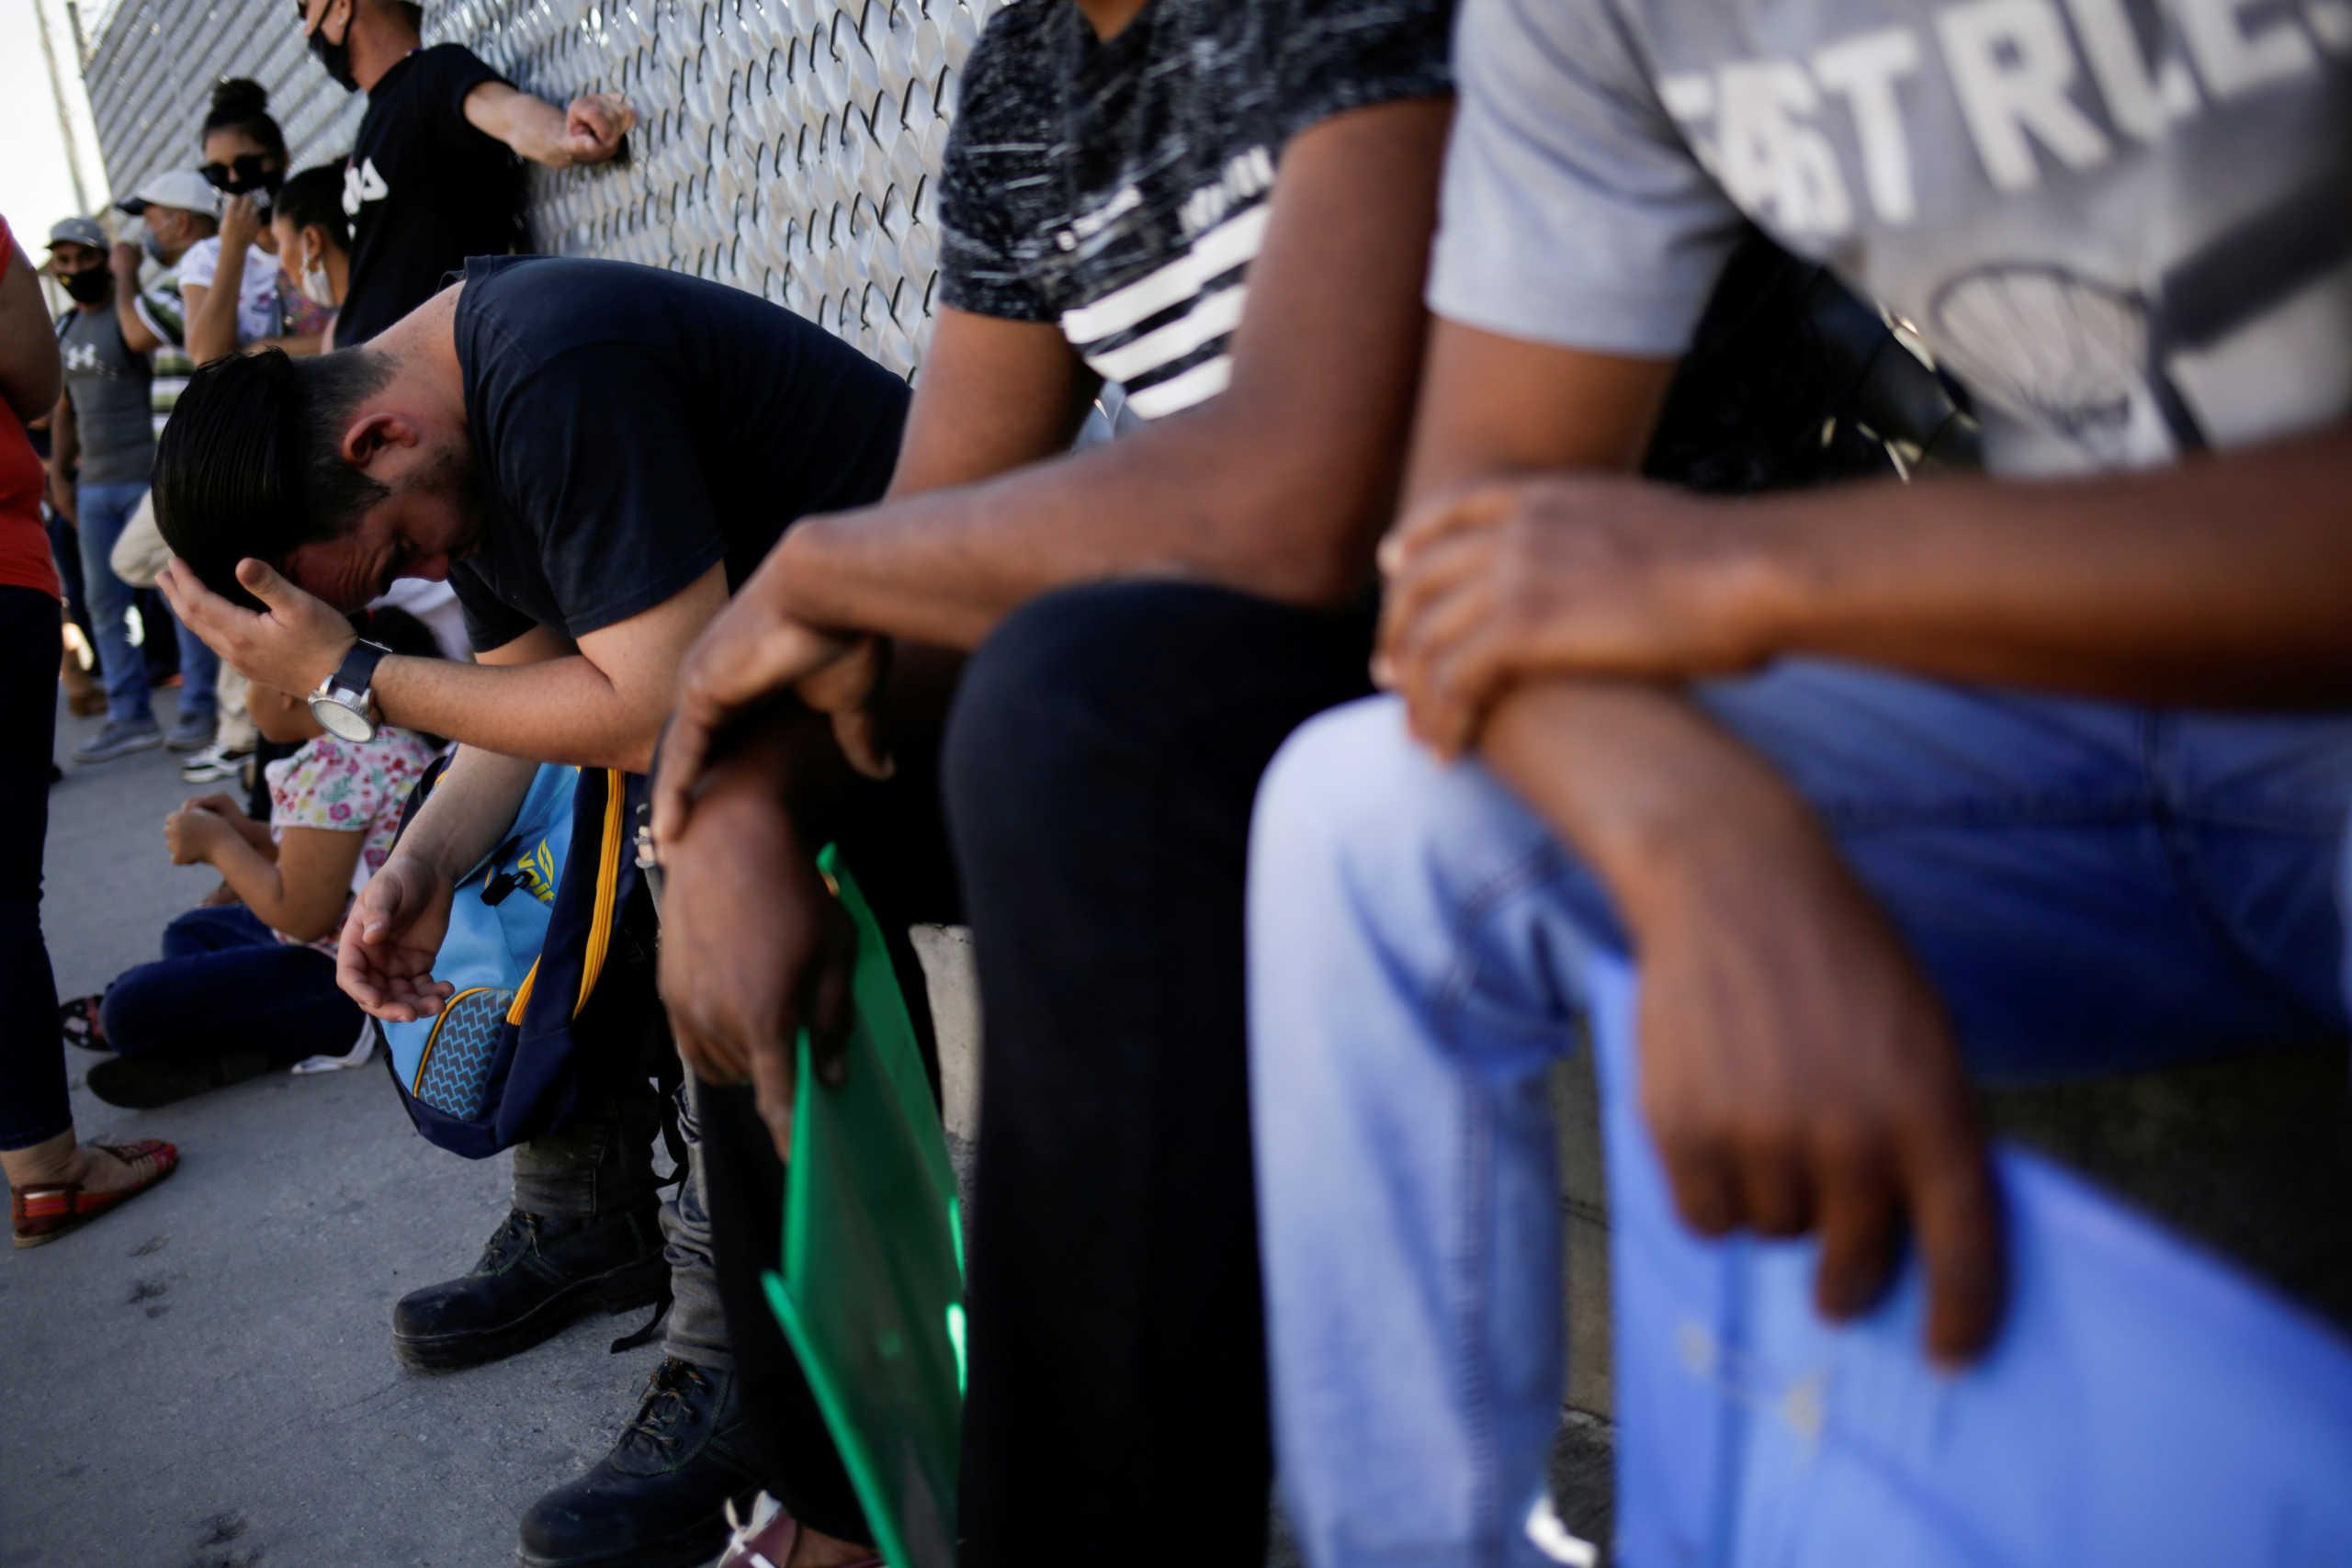 Βέλγιο: Αίτημα για νομιμοποίηση 450 παράτυπων μεταναστών που κάνουν απεργία πείνας